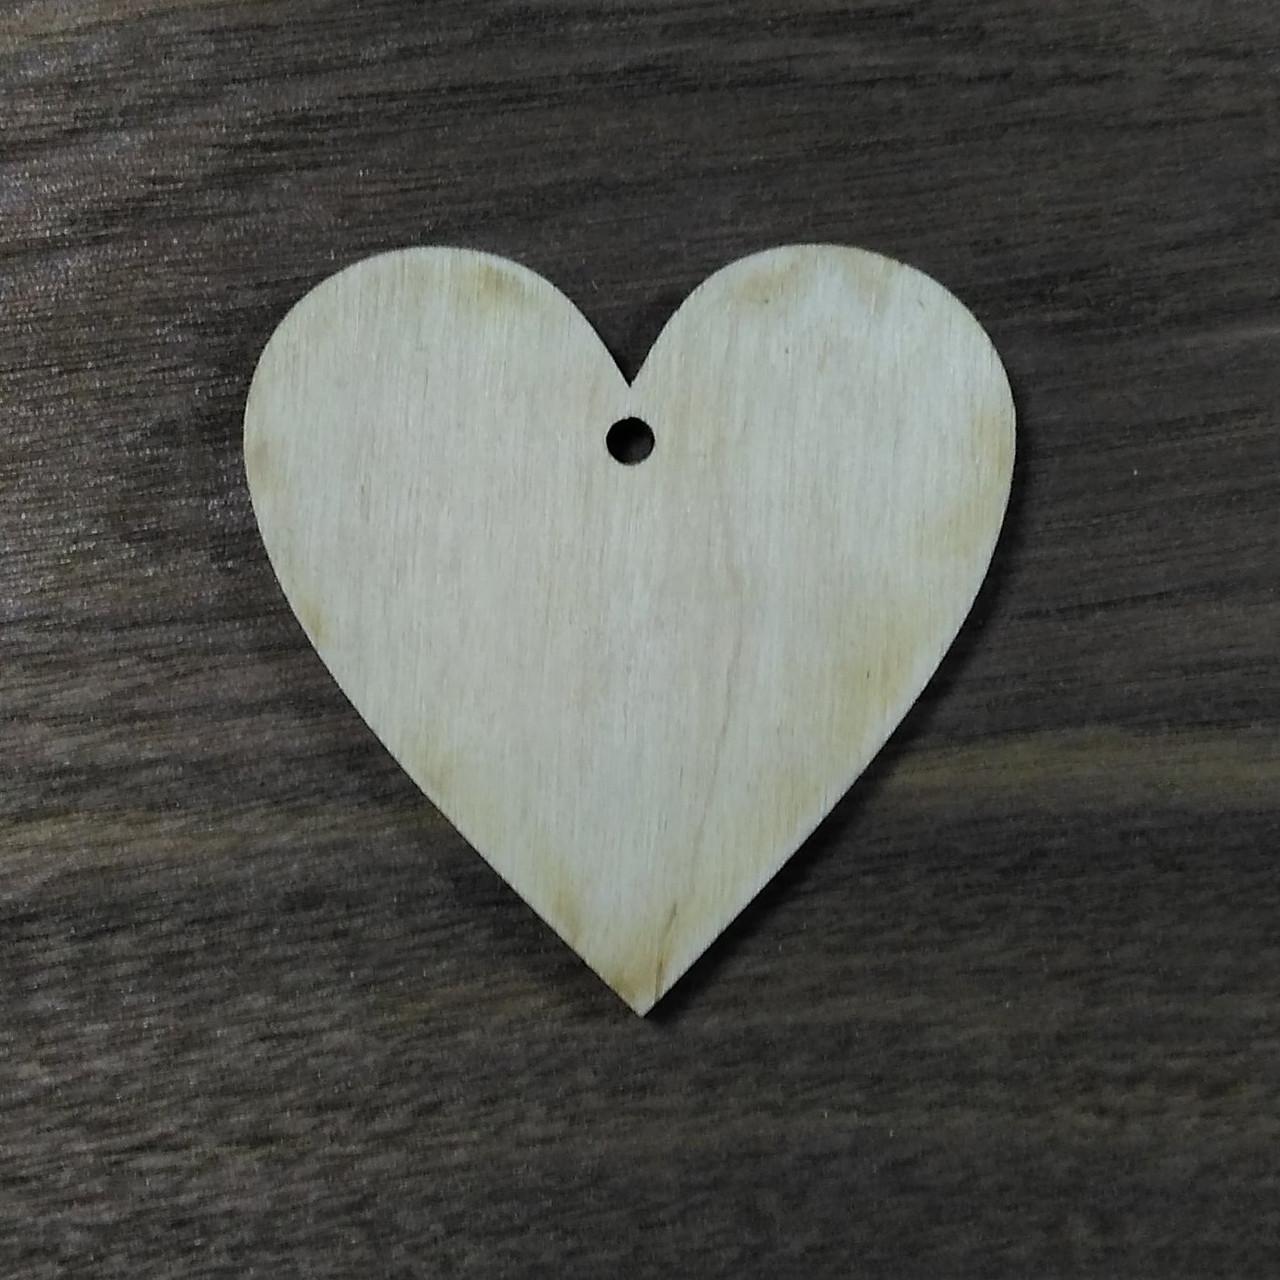 Сердце 8 см*8 см